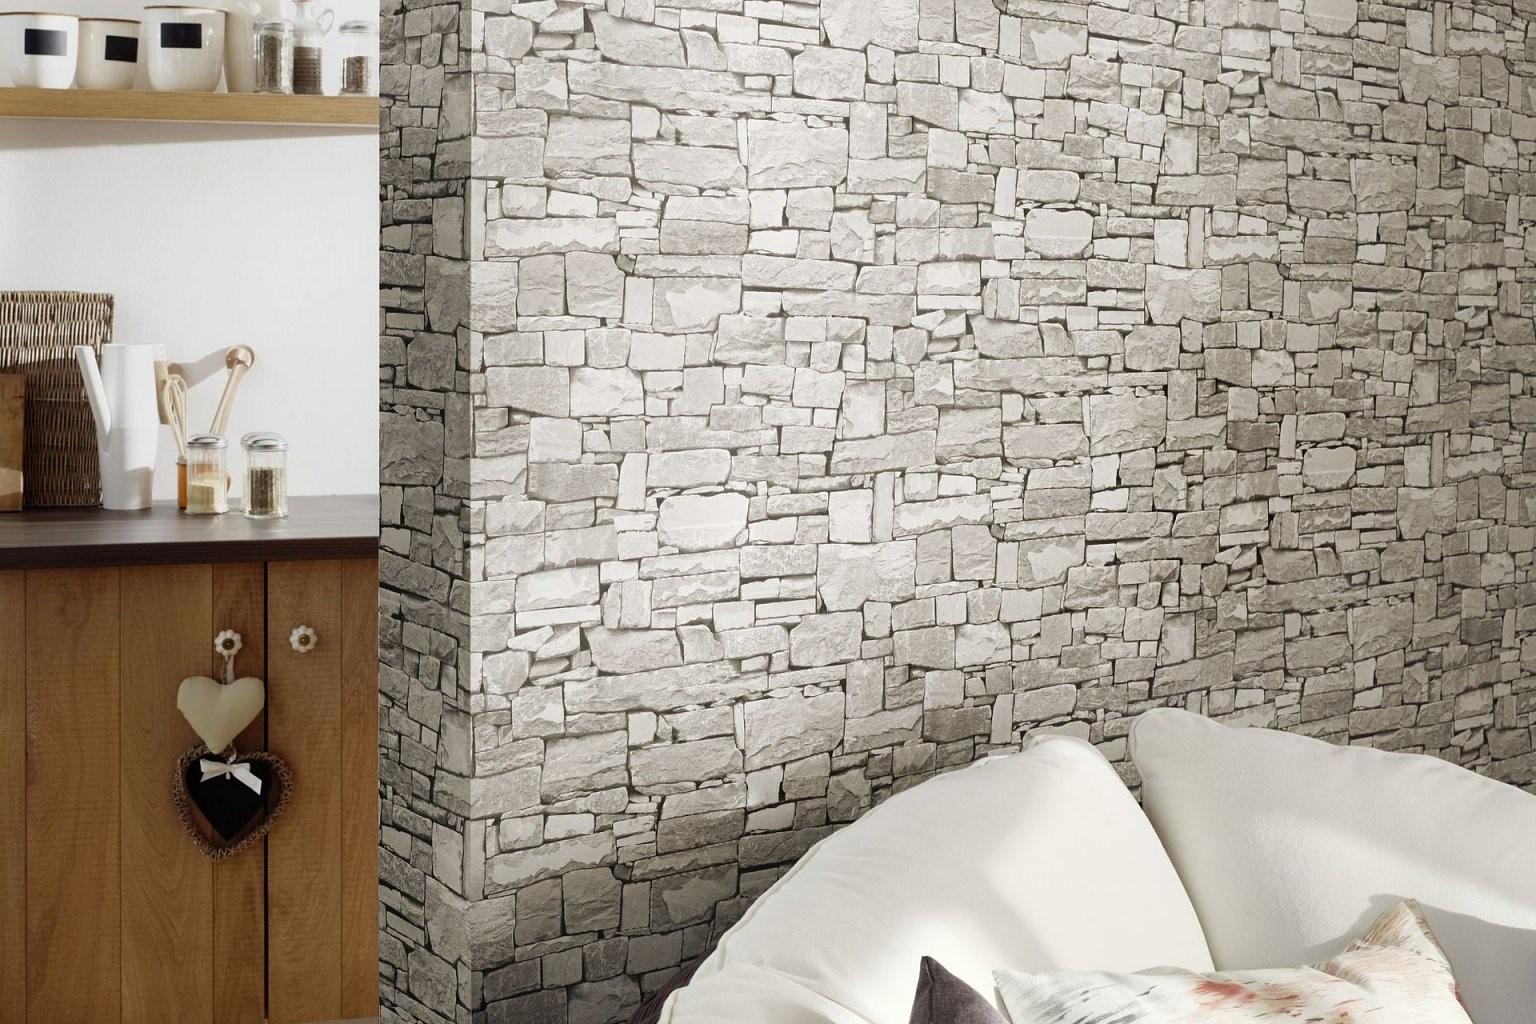 Wandgestaltung In Bad Berleburg  Althaus Gmbh von Wände Ohne Tapete Gestalten Bild